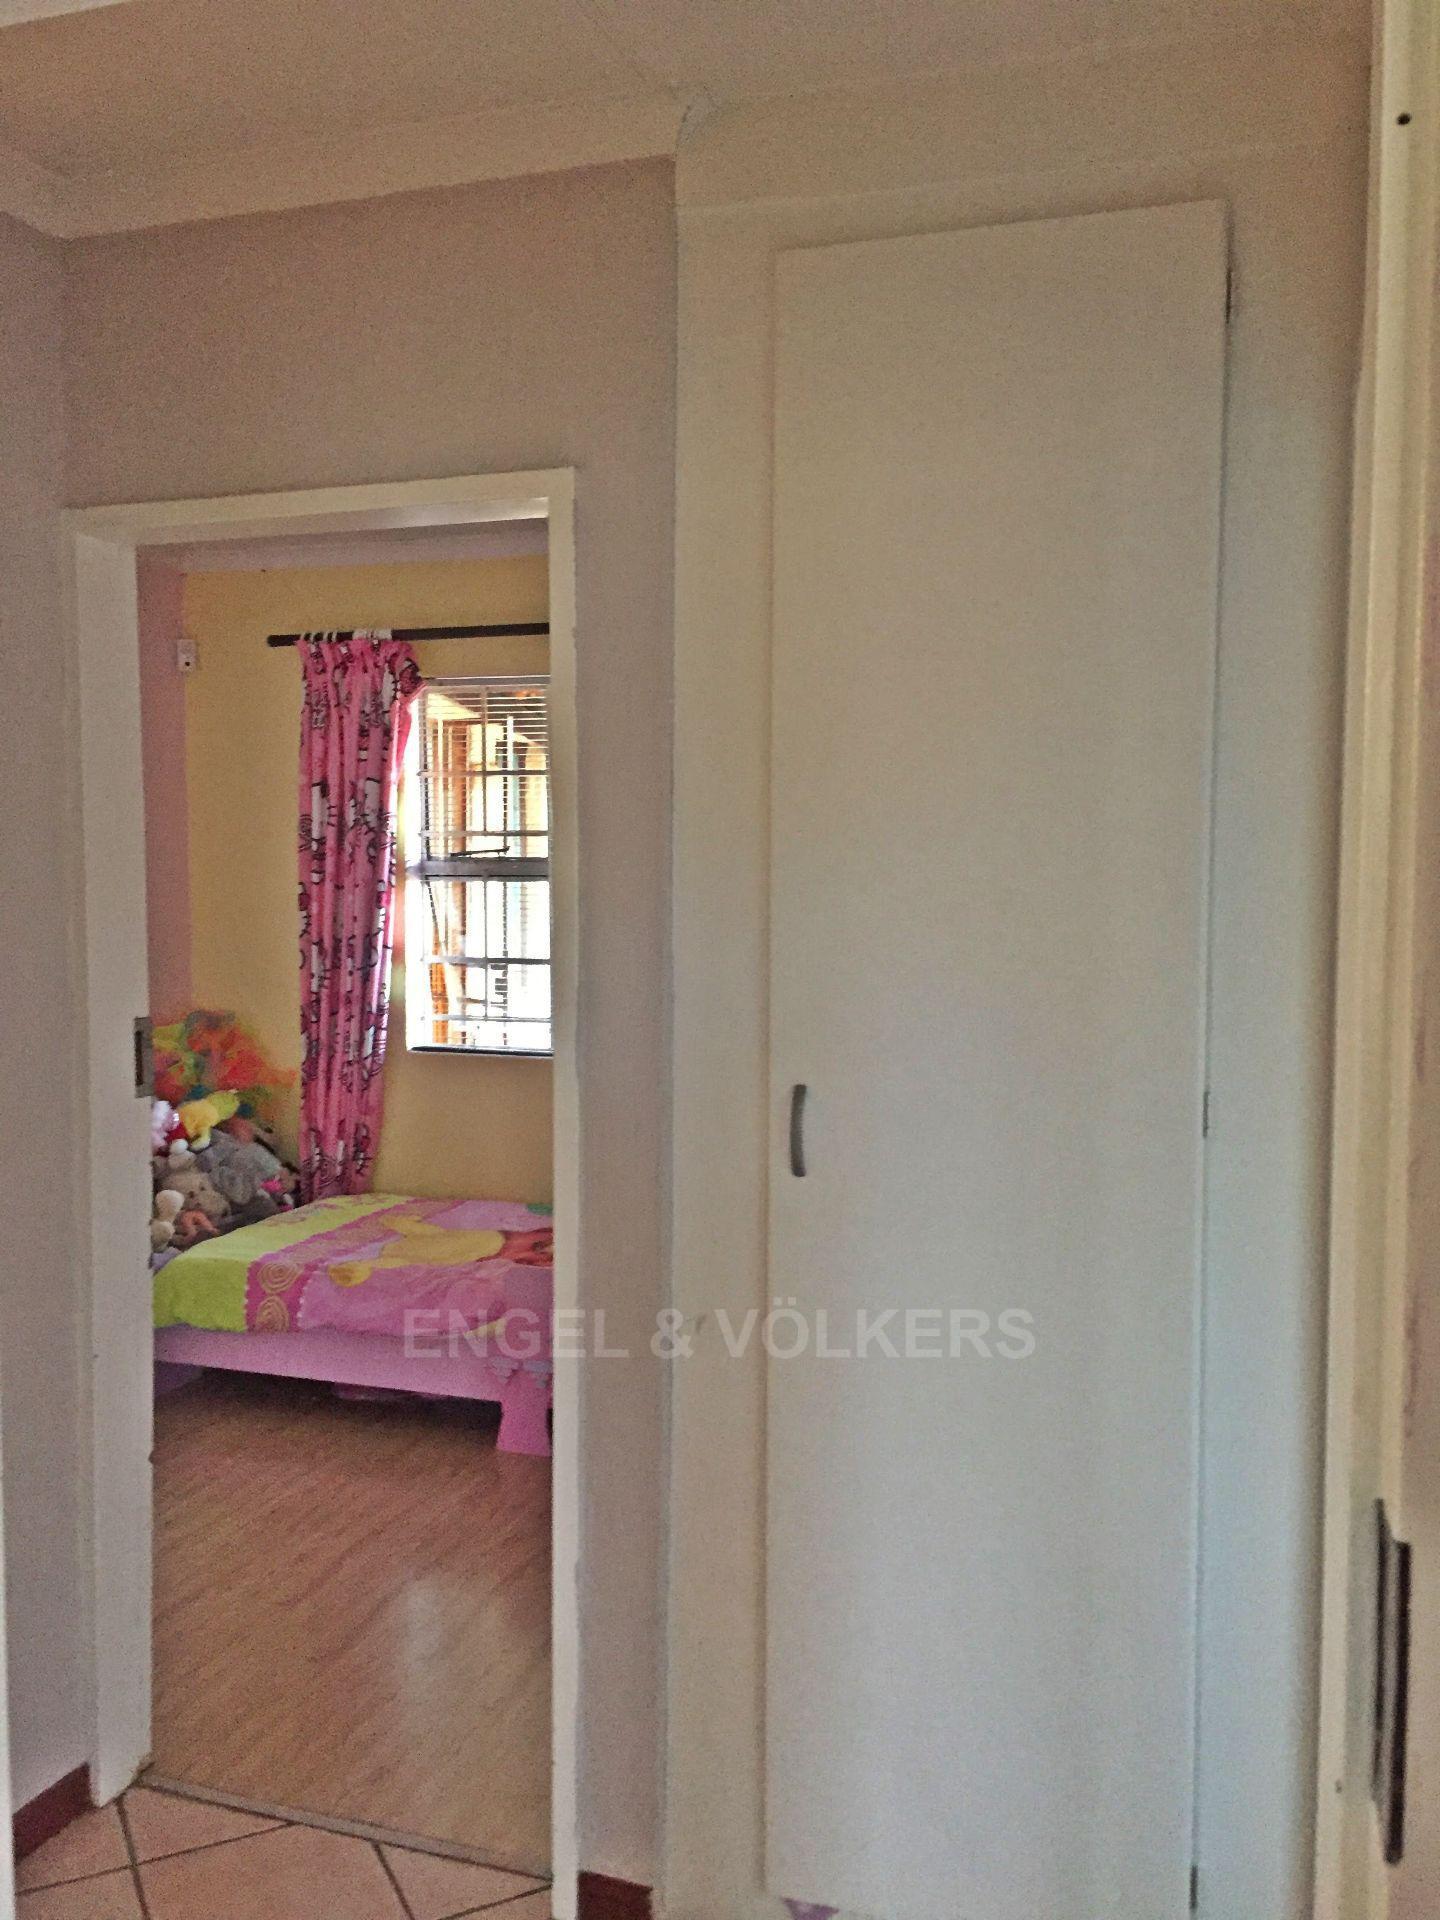 Eldoraigne property for sale. Ref No: 13580655. Picture no 5